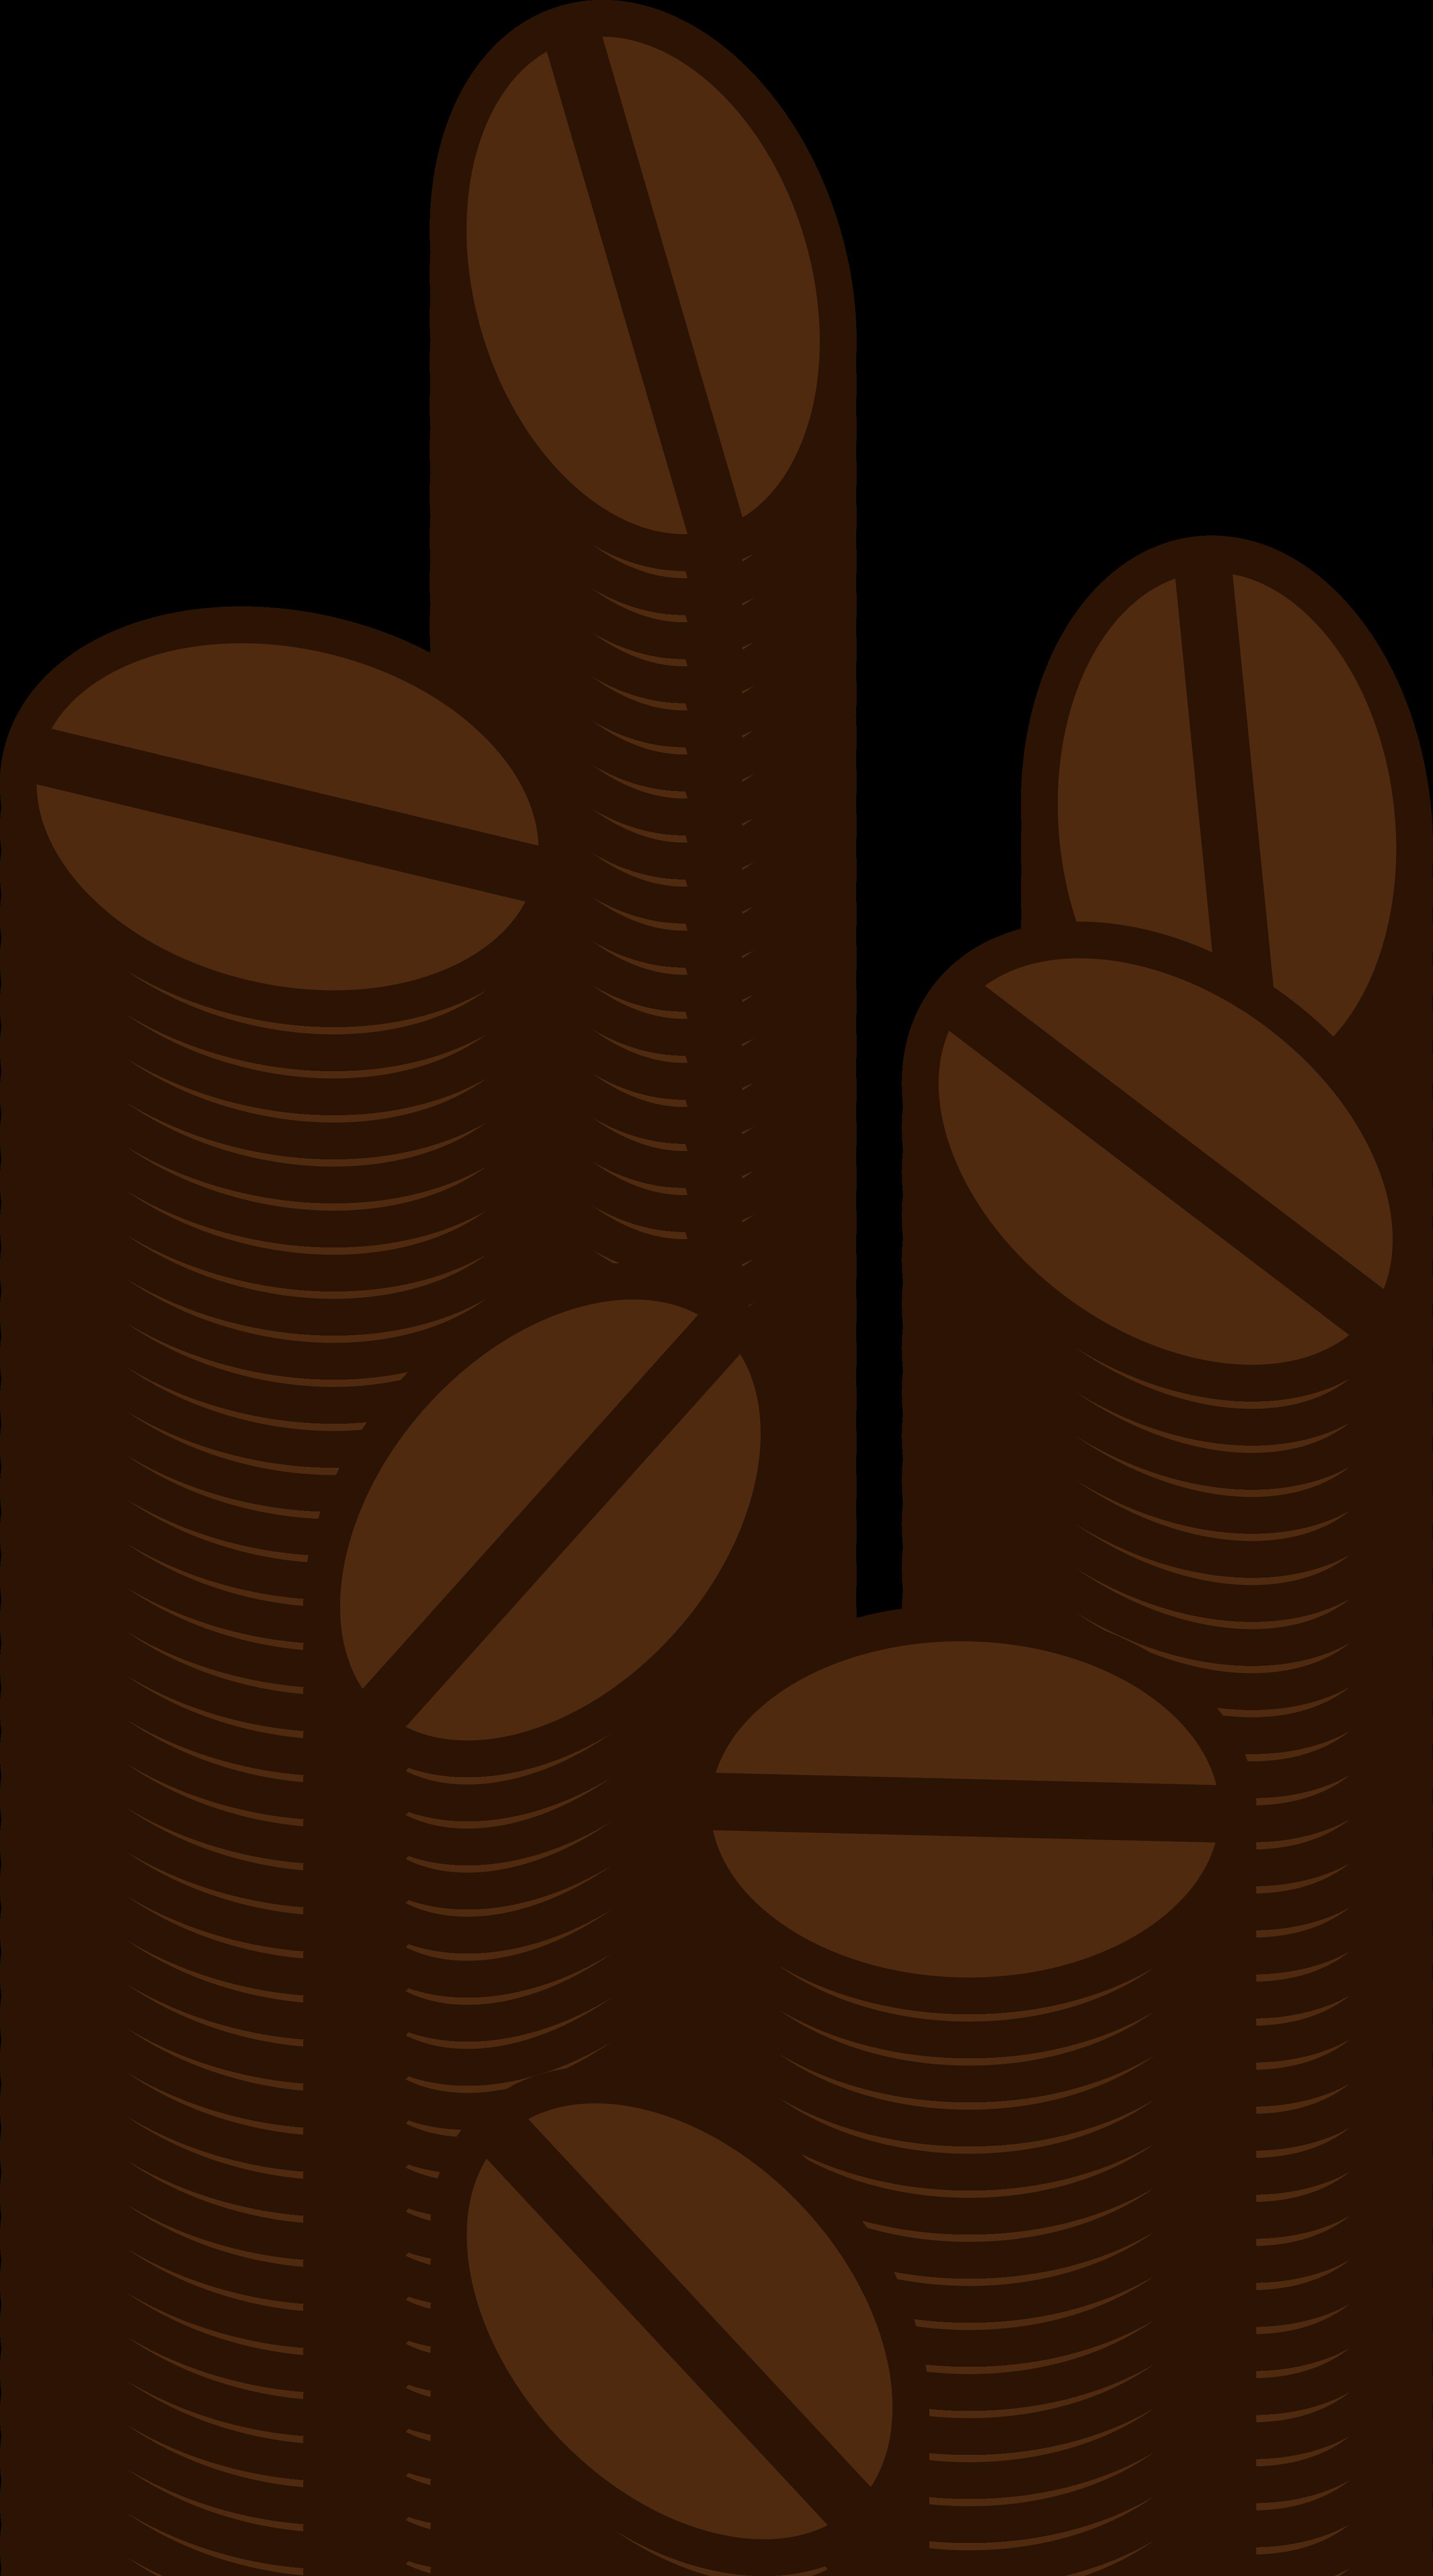 Coffee Clip Art - Coffee Bean Clipart